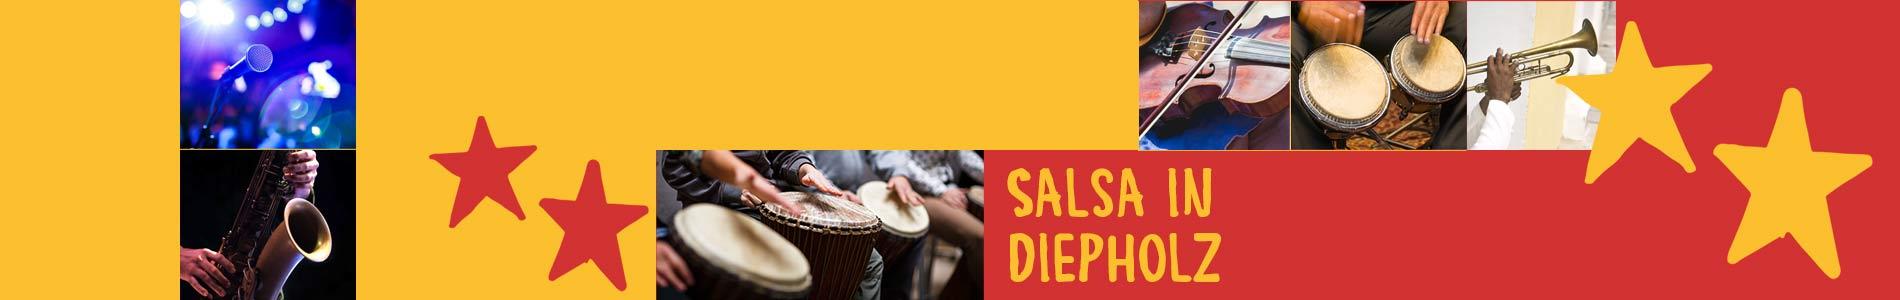 Salsa in Diepholz – Salsa lernen und tanzen, Tanzkurse, Partys, Veranstaltungen